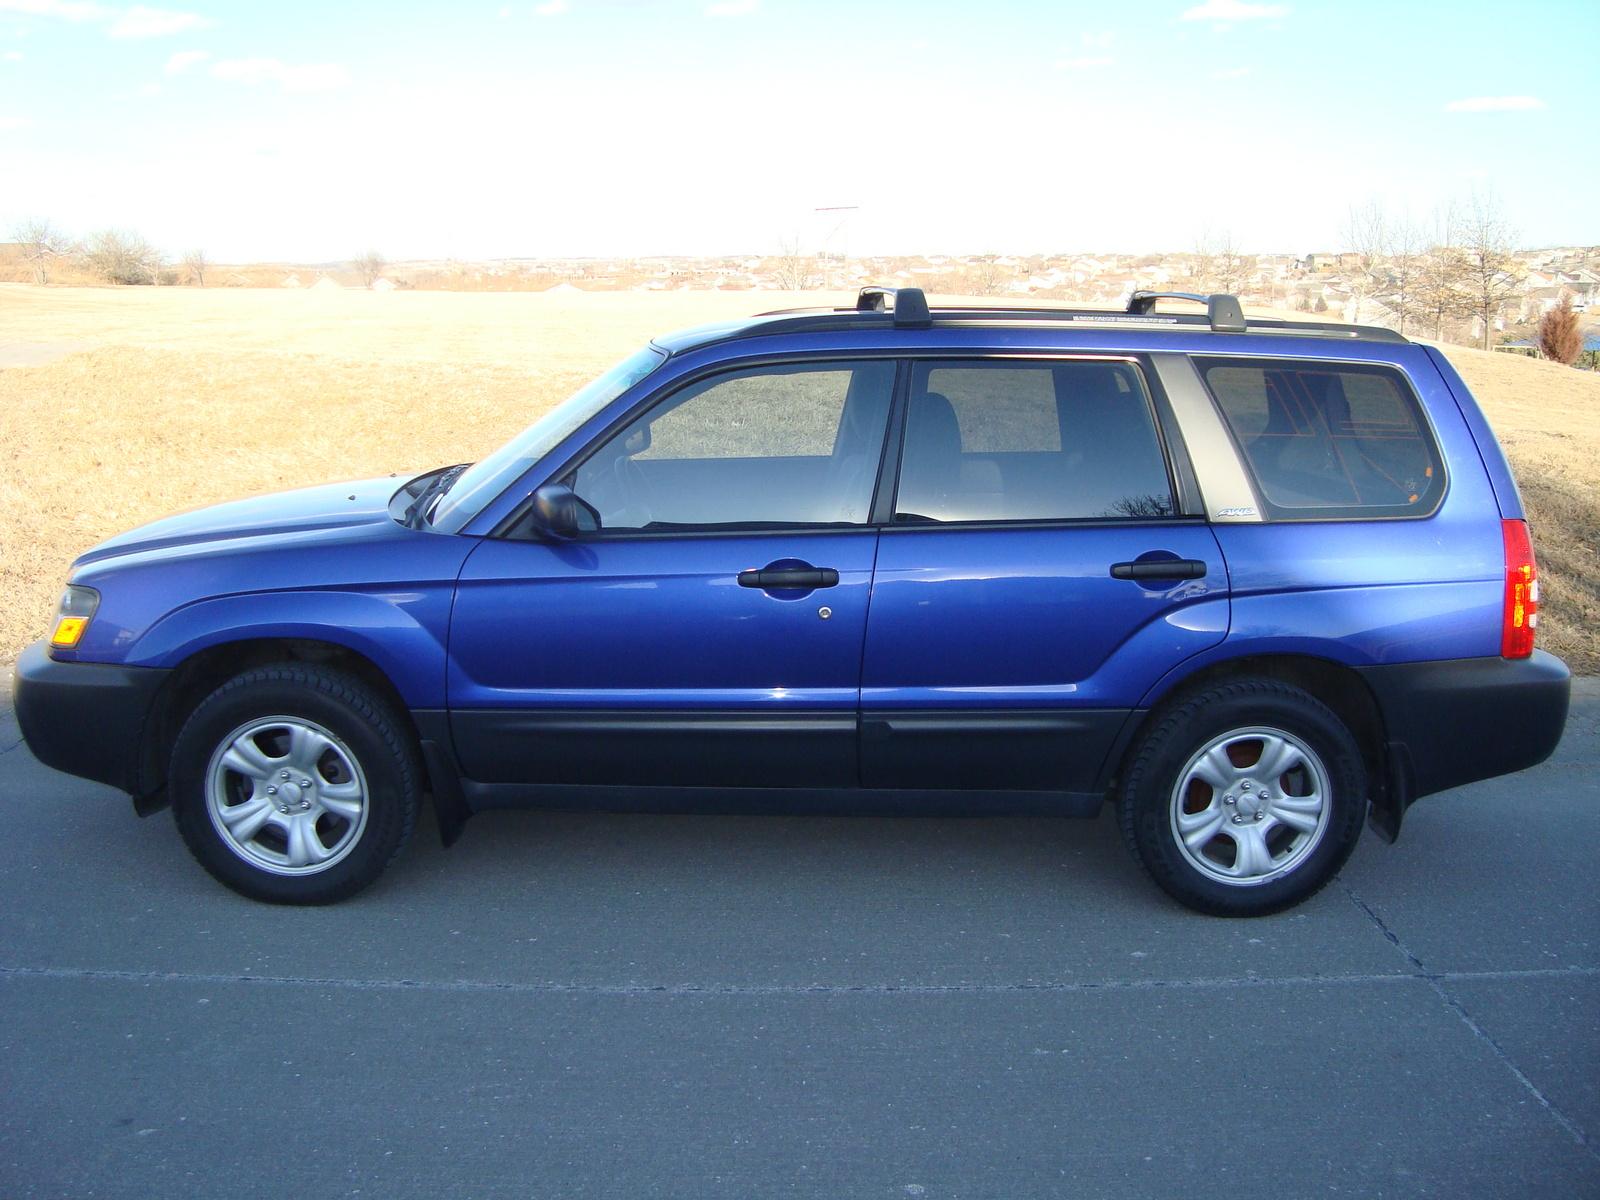 2004 Subaru Forester - Pictures - CarGurus